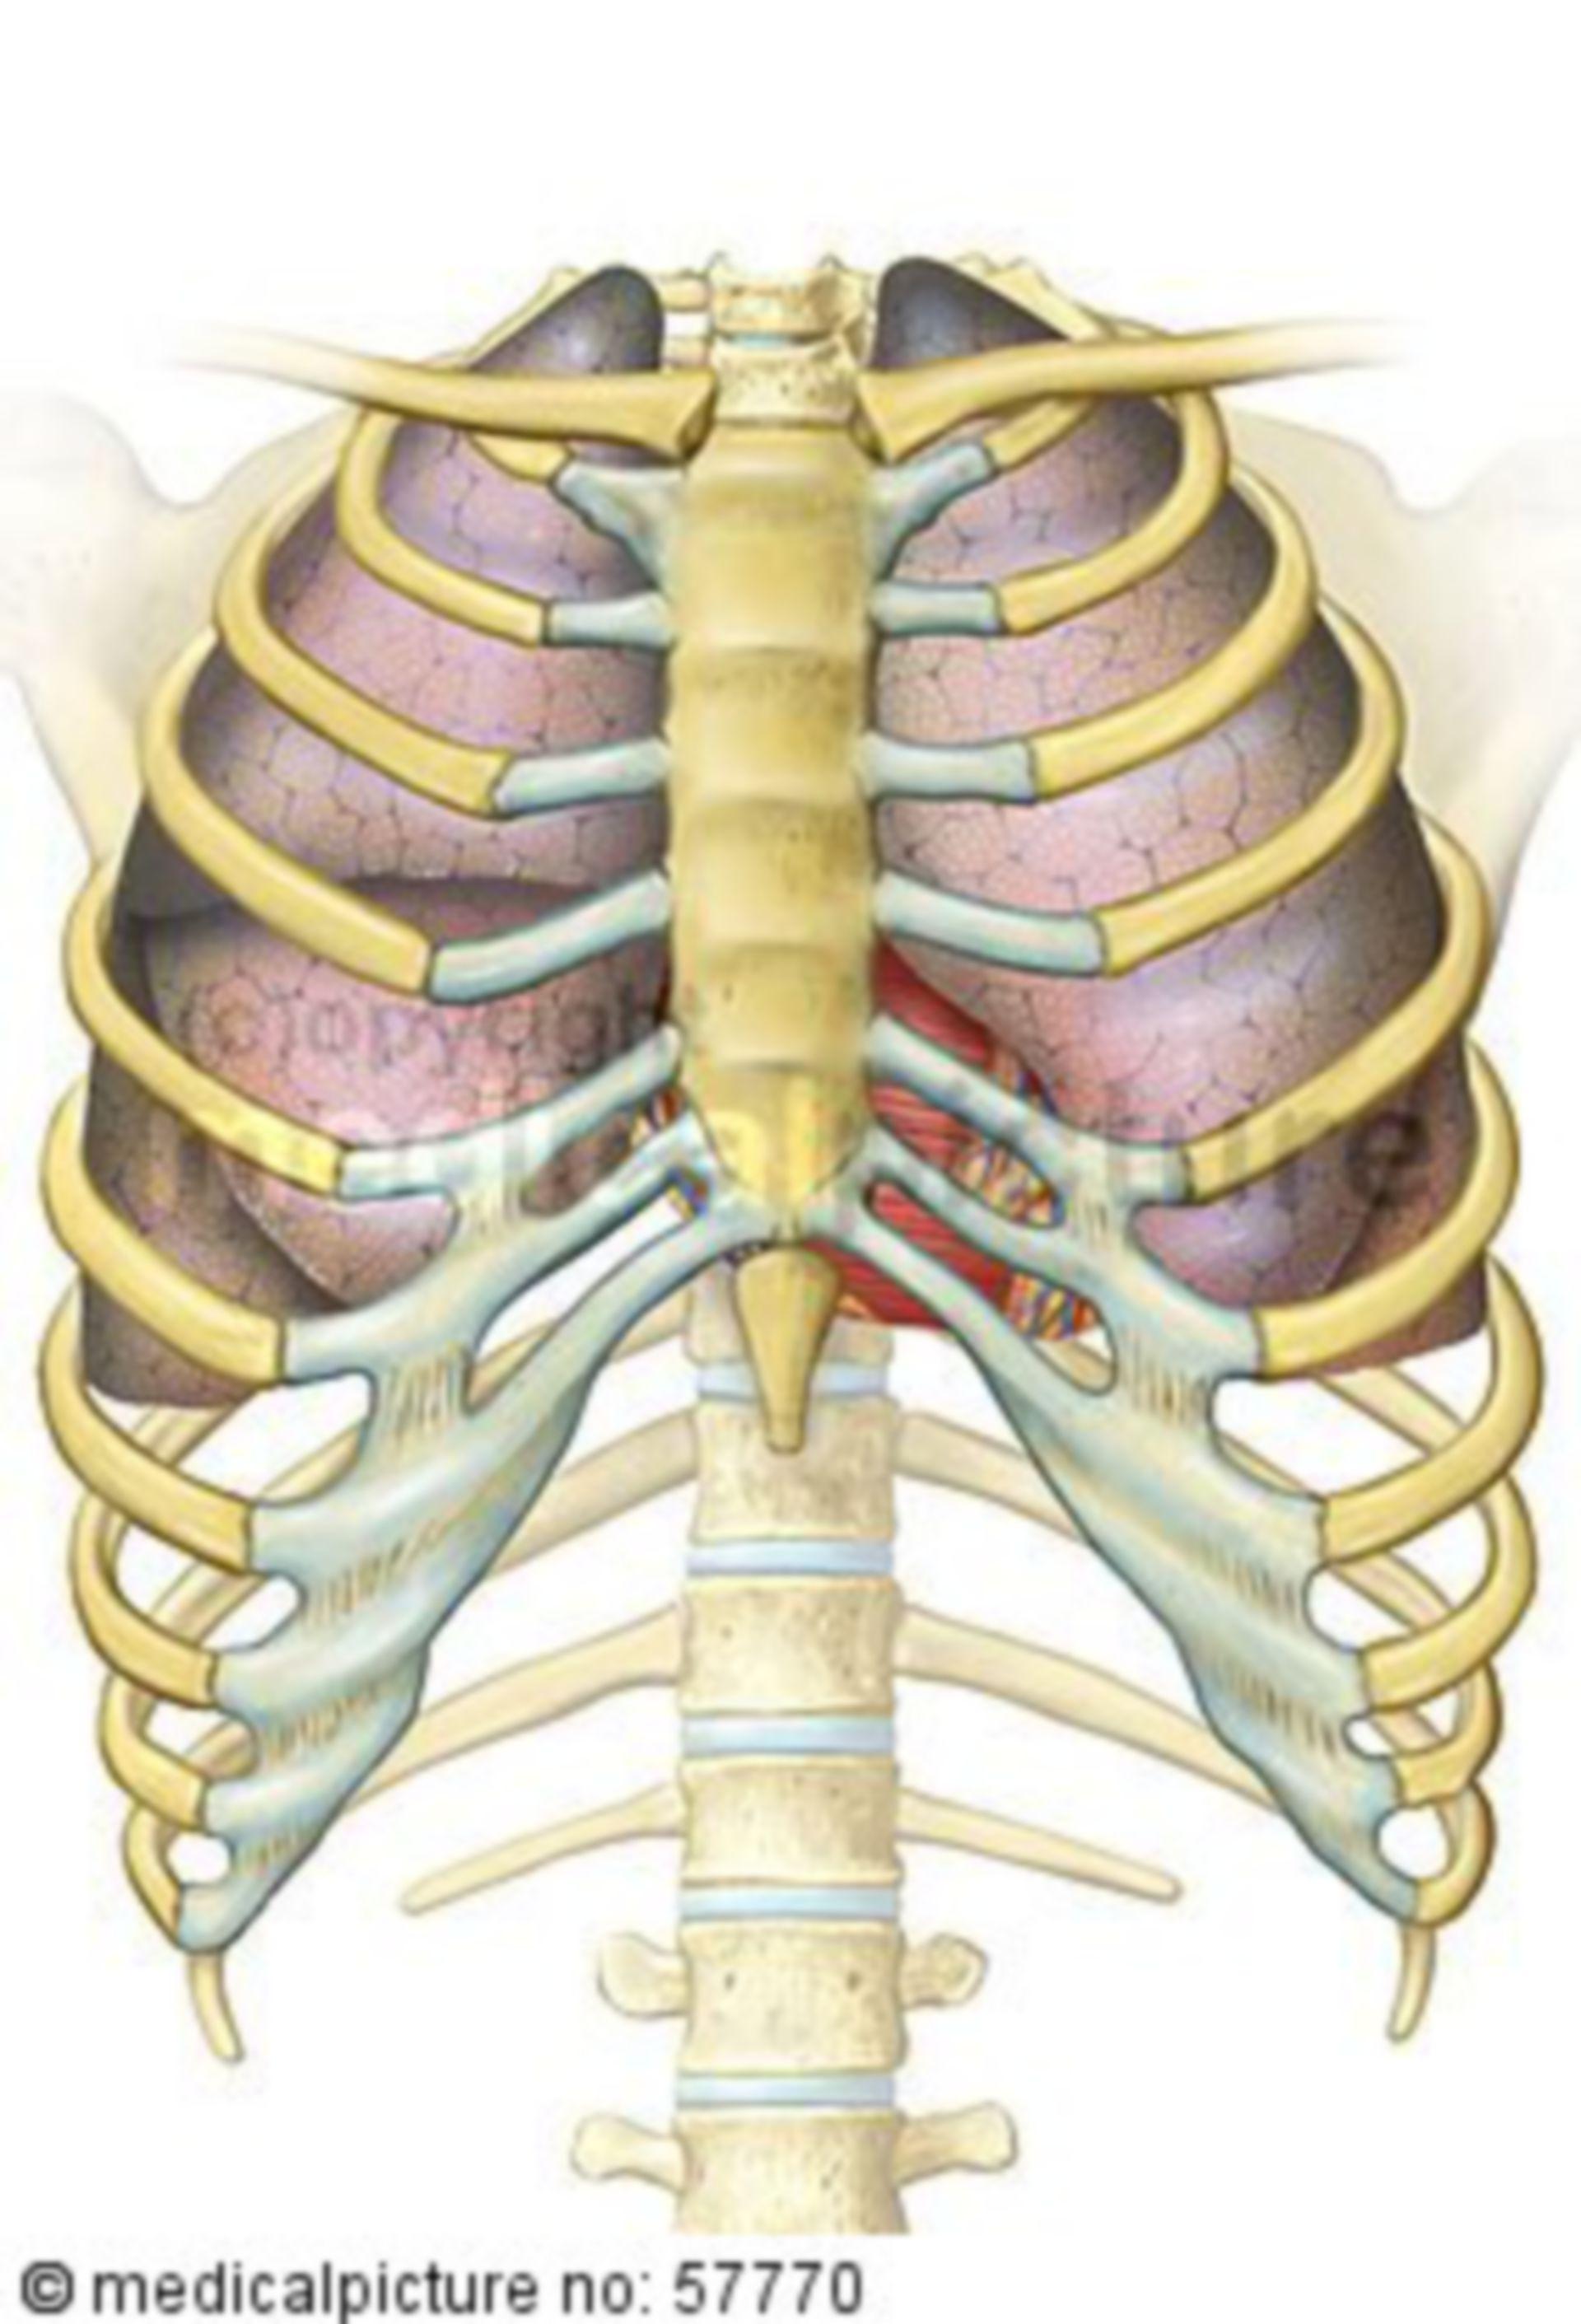 Ilustración anatómica - pulmones con el corazón en el tórax